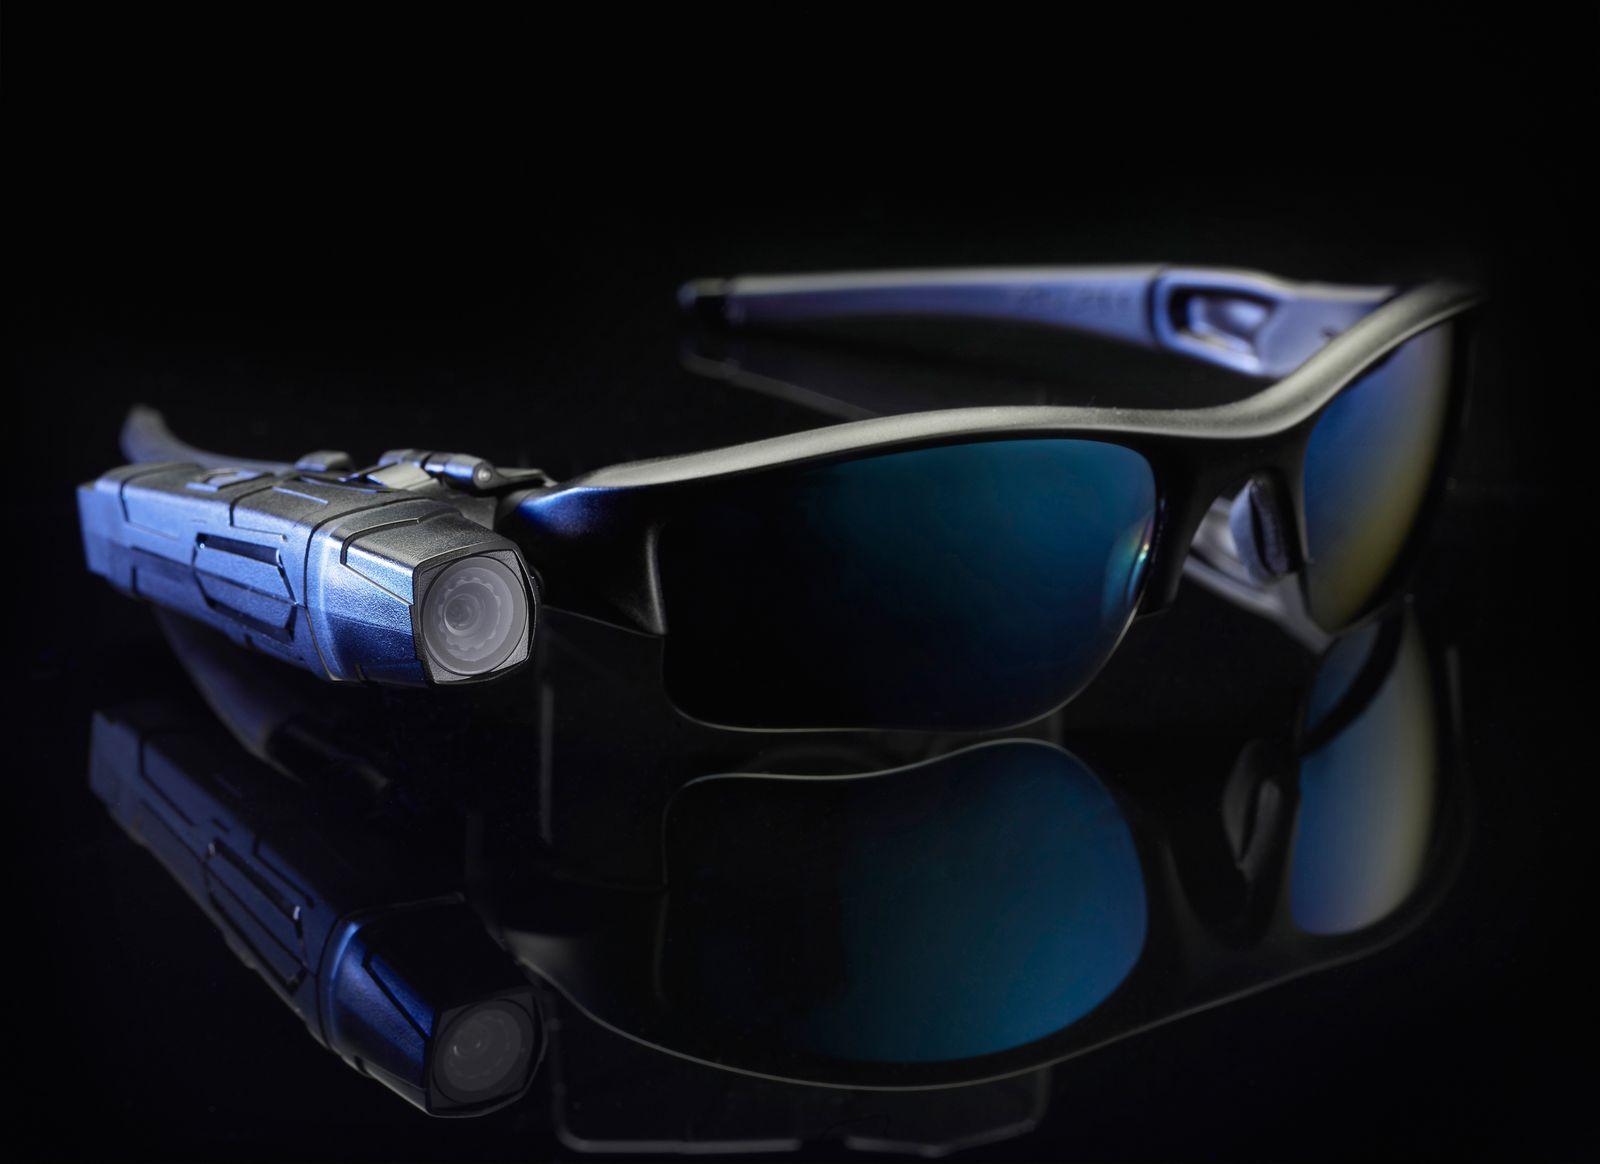 AXON flex/ Brille mit Kamera/ Behörden